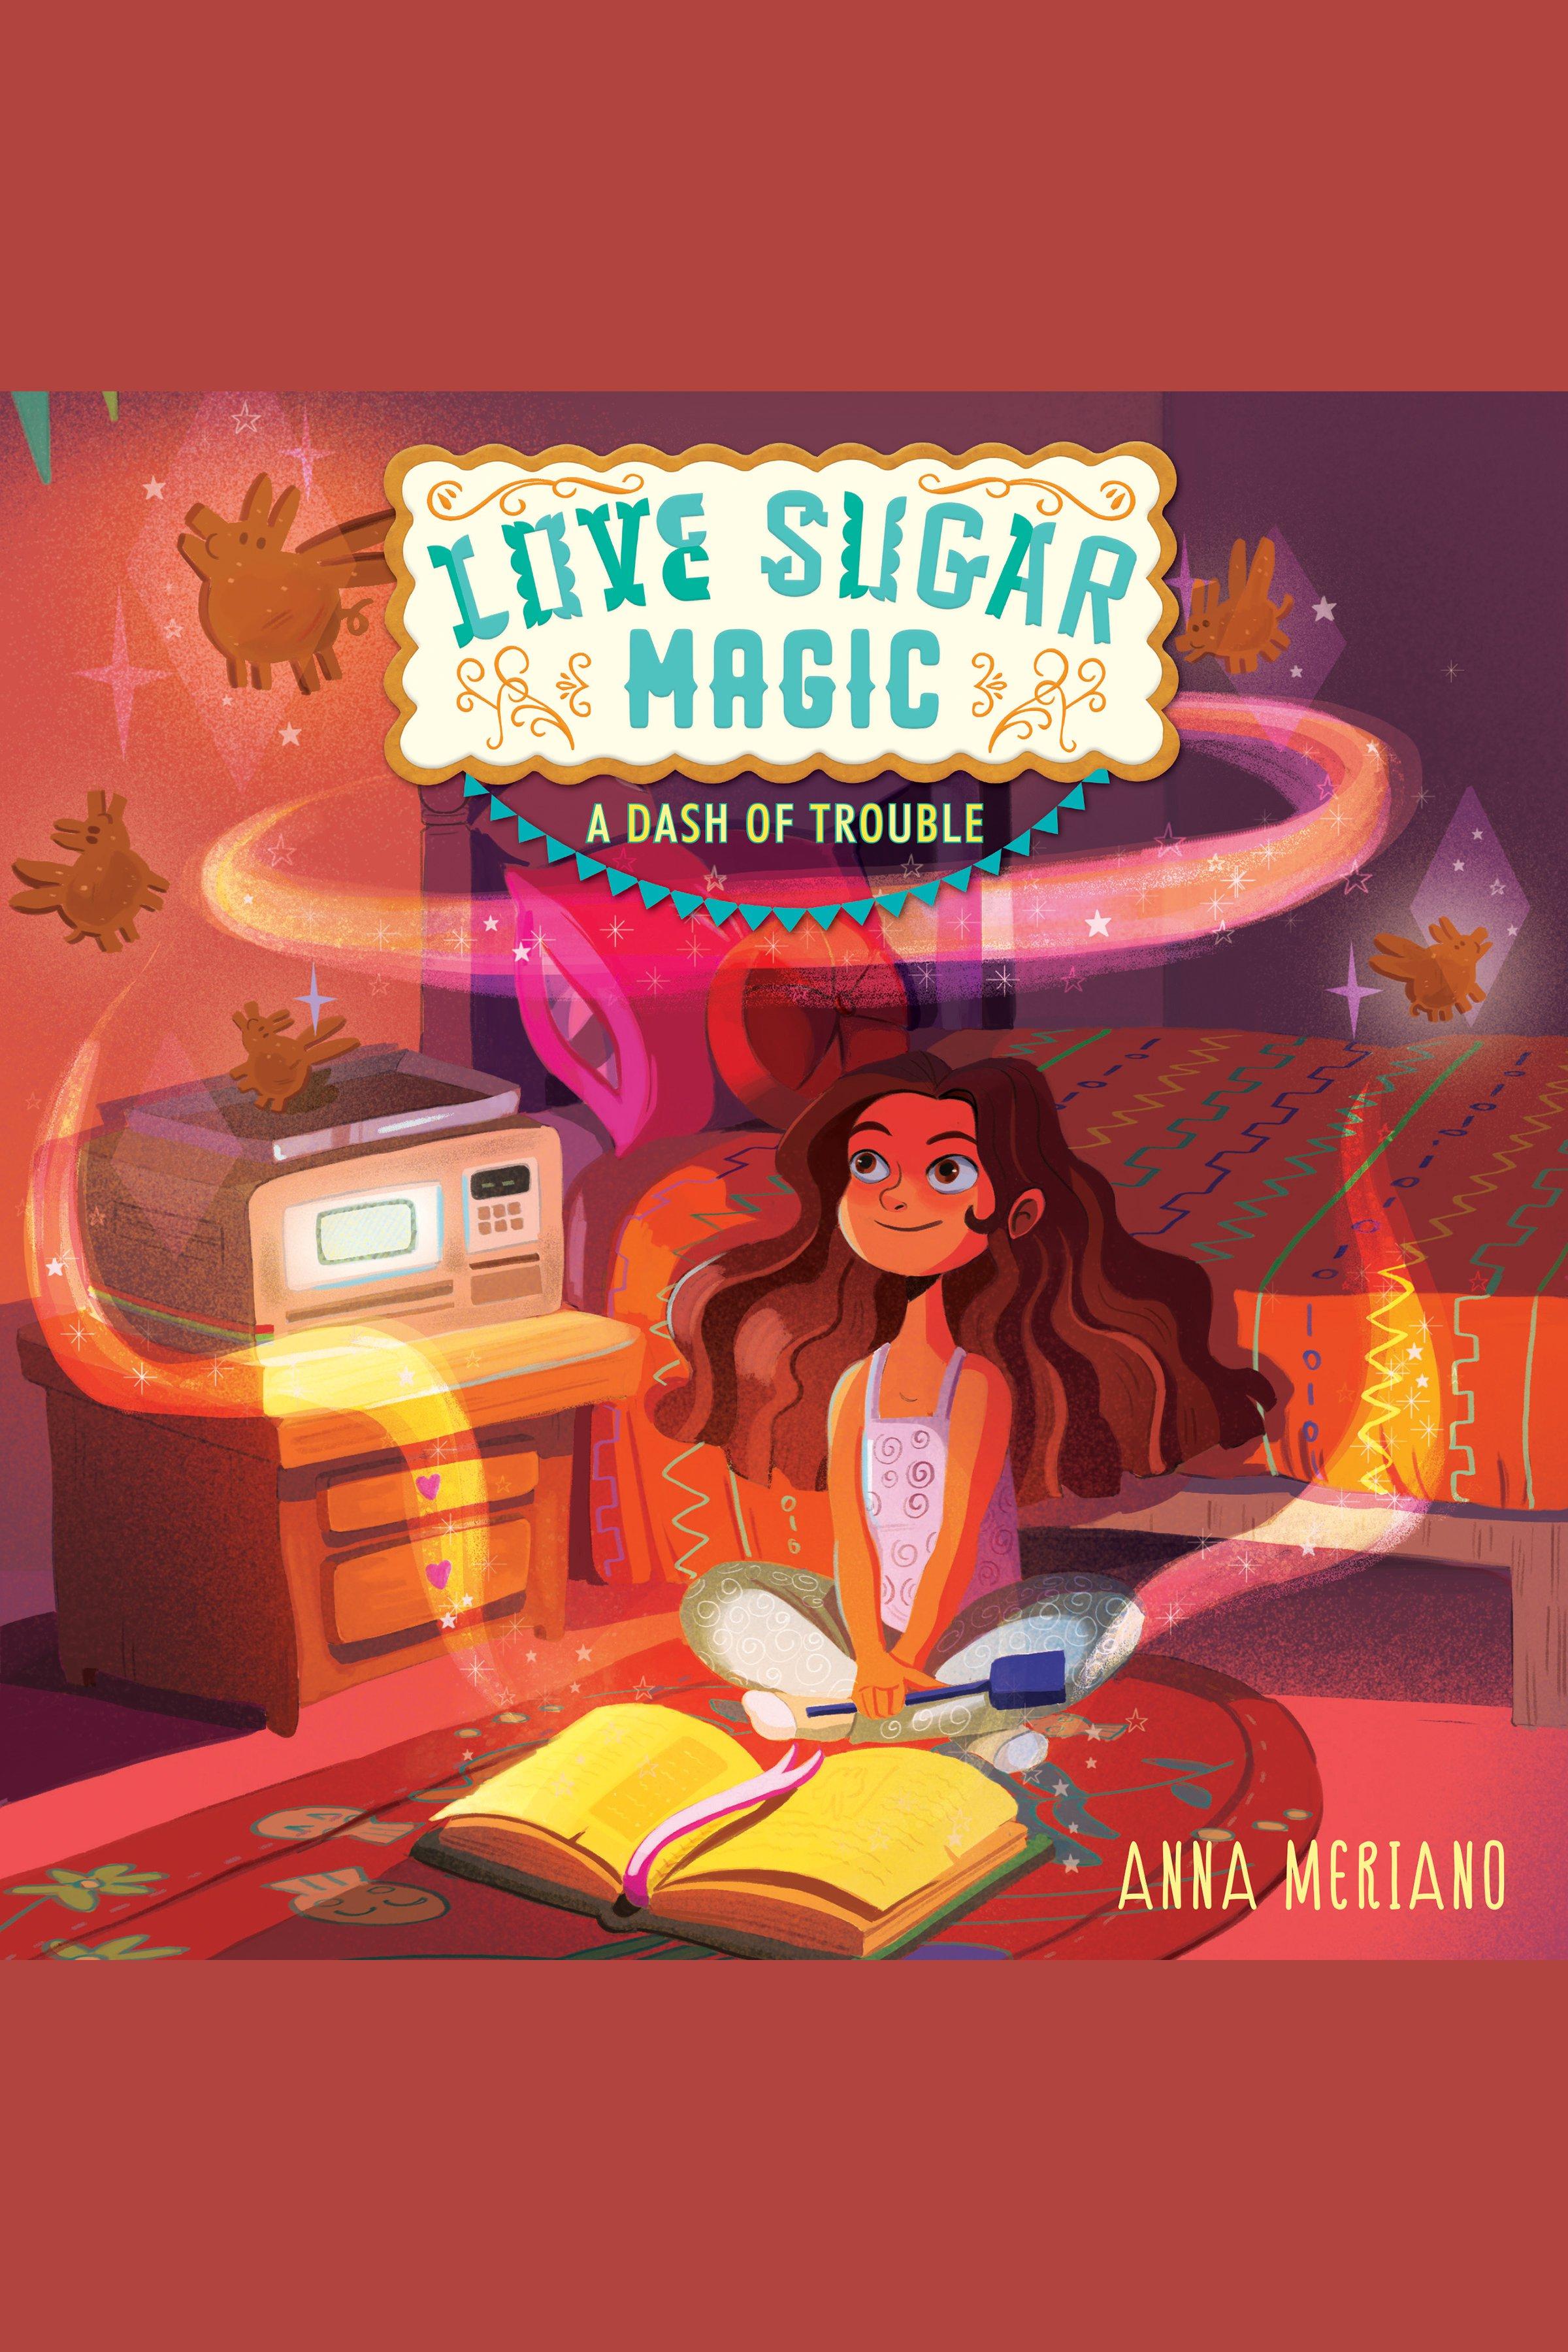 Love Sugar Magic: A Dash of Trouble cover image